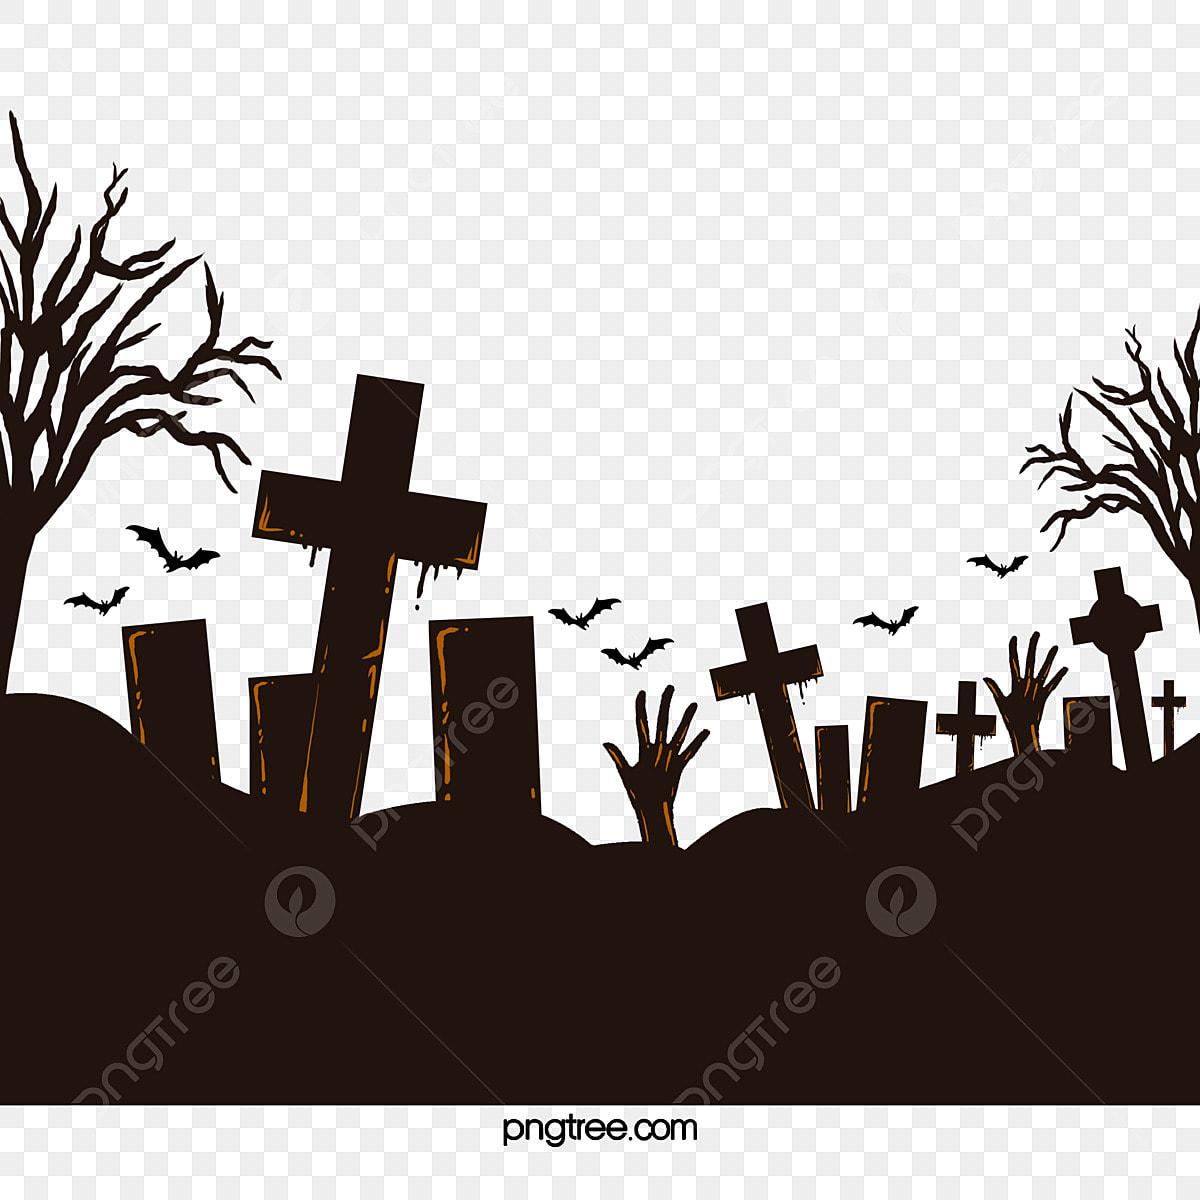 Halloween Horror Bats Decorate Graves Halloween Vector